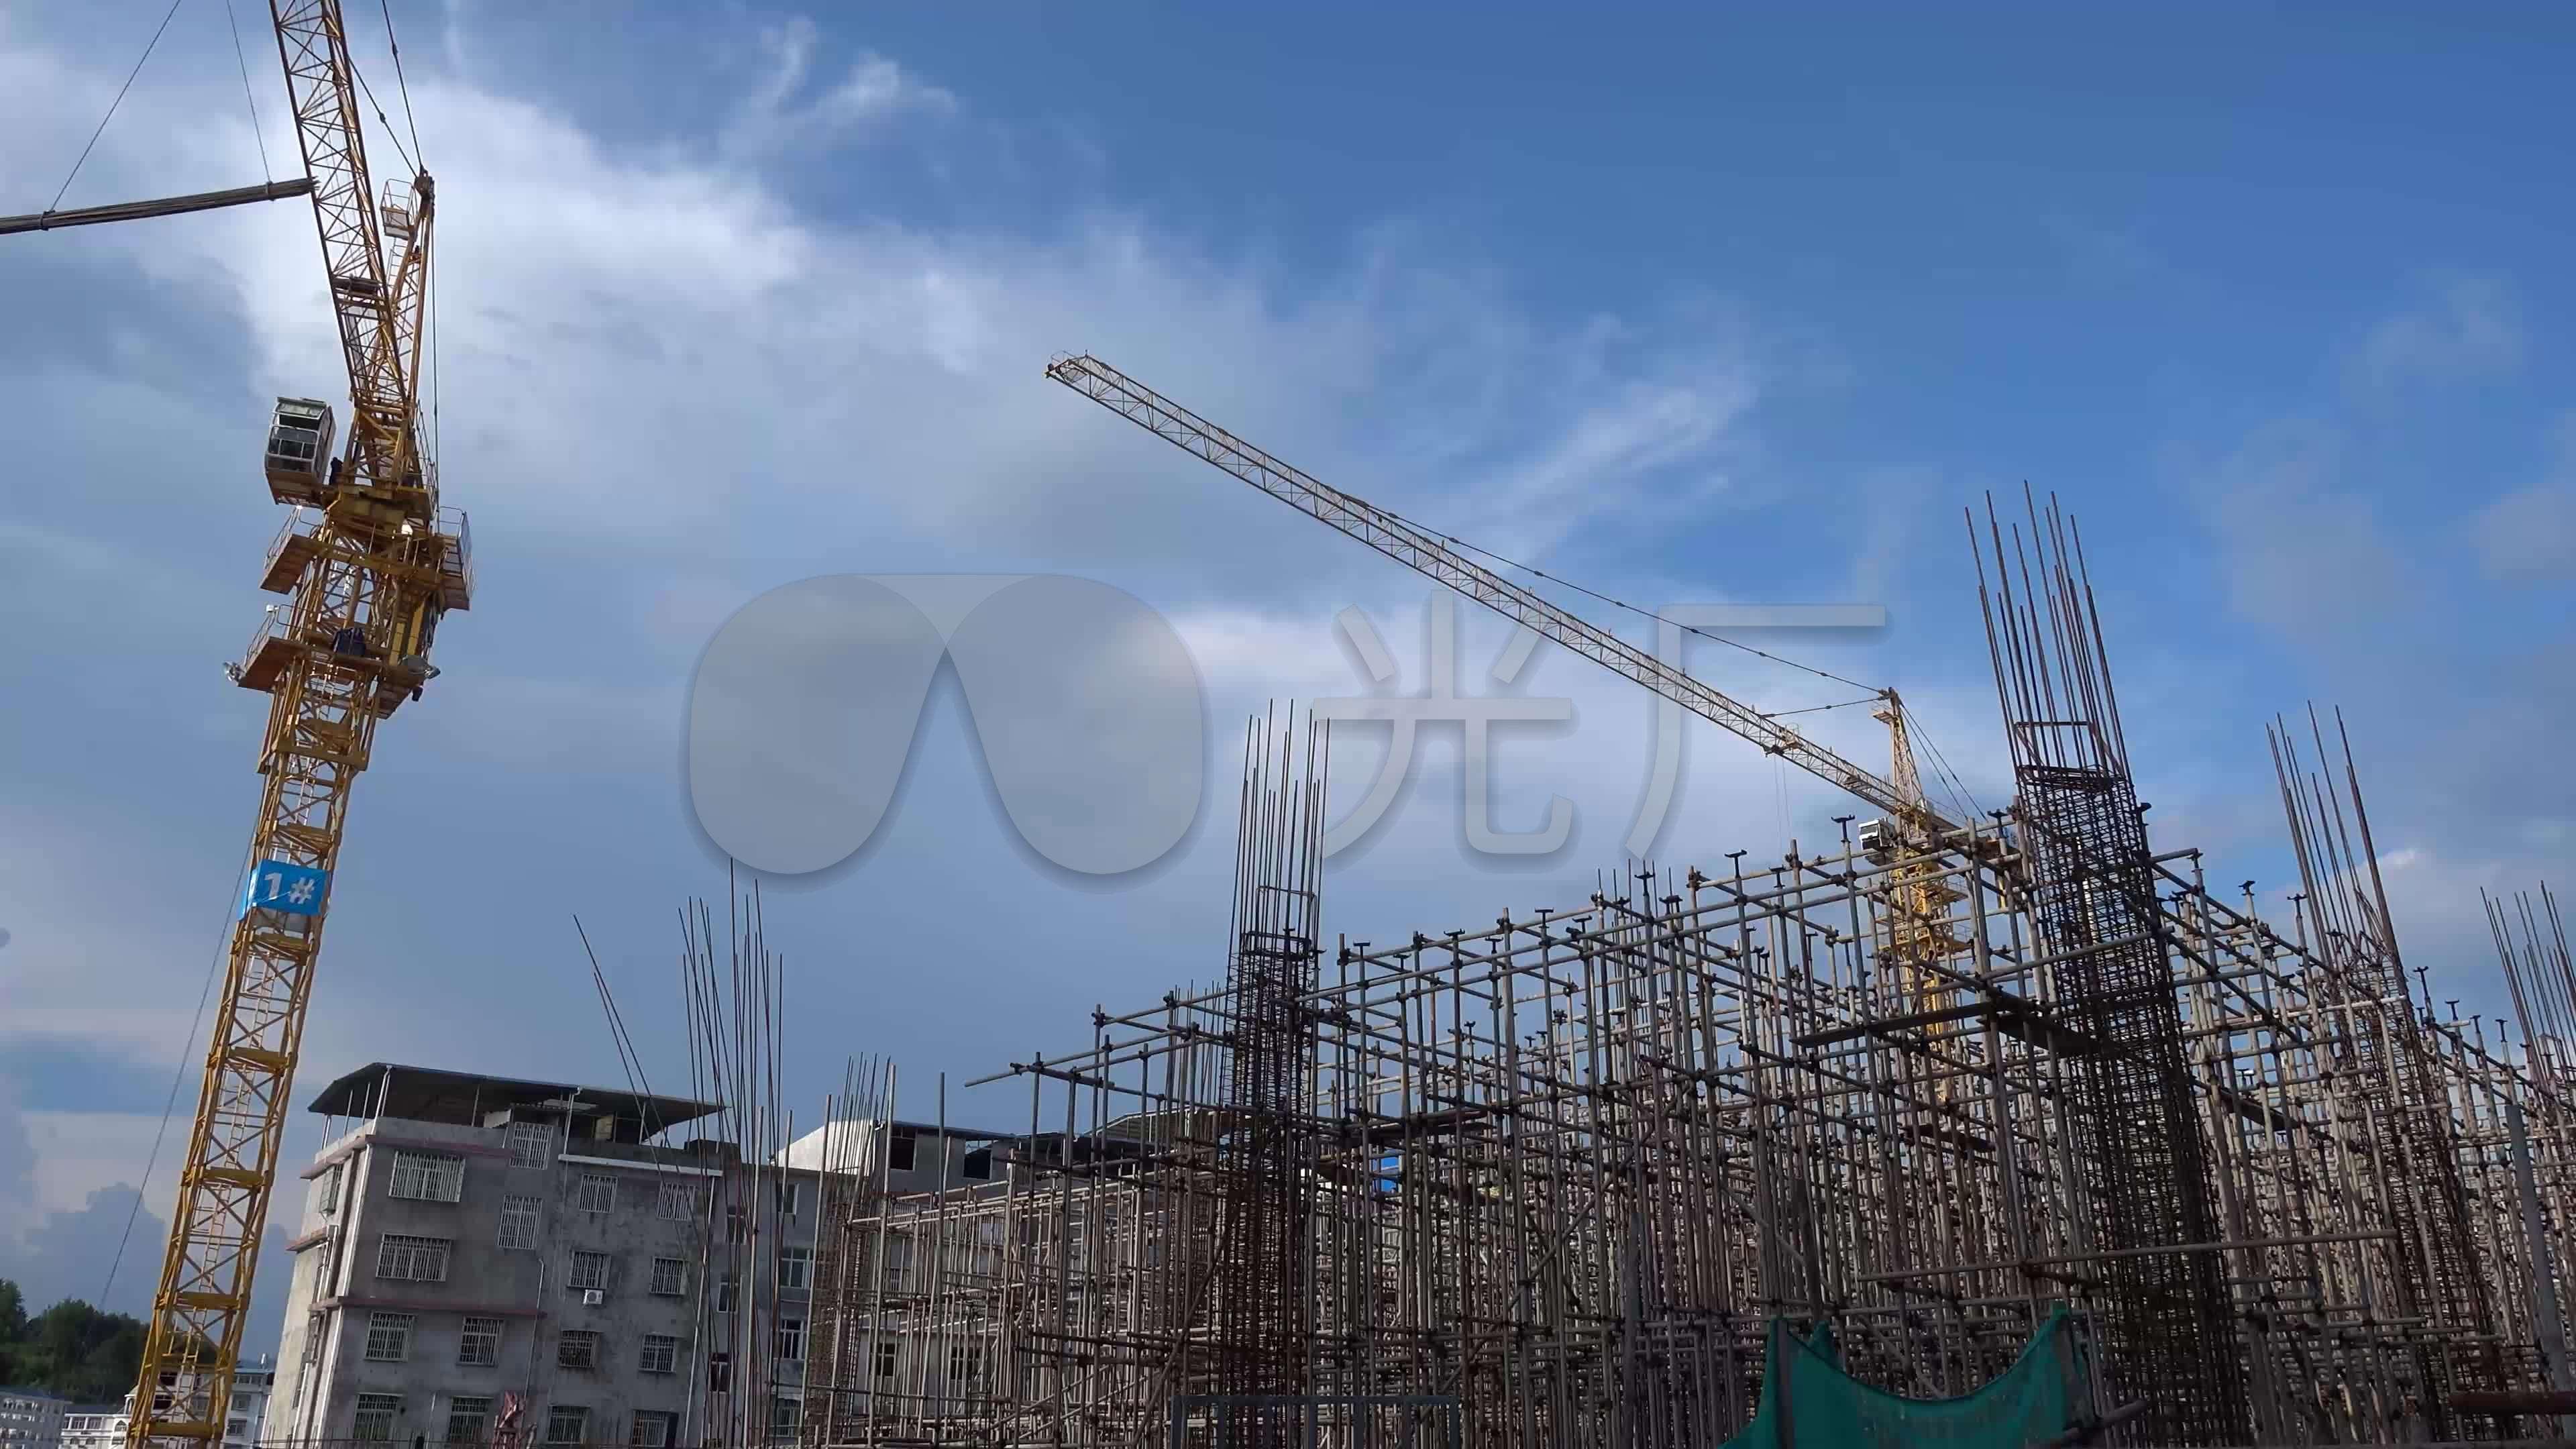 图片塔吊适用房廉租房农贸市场建设施工发型_2018住房视频经济图片